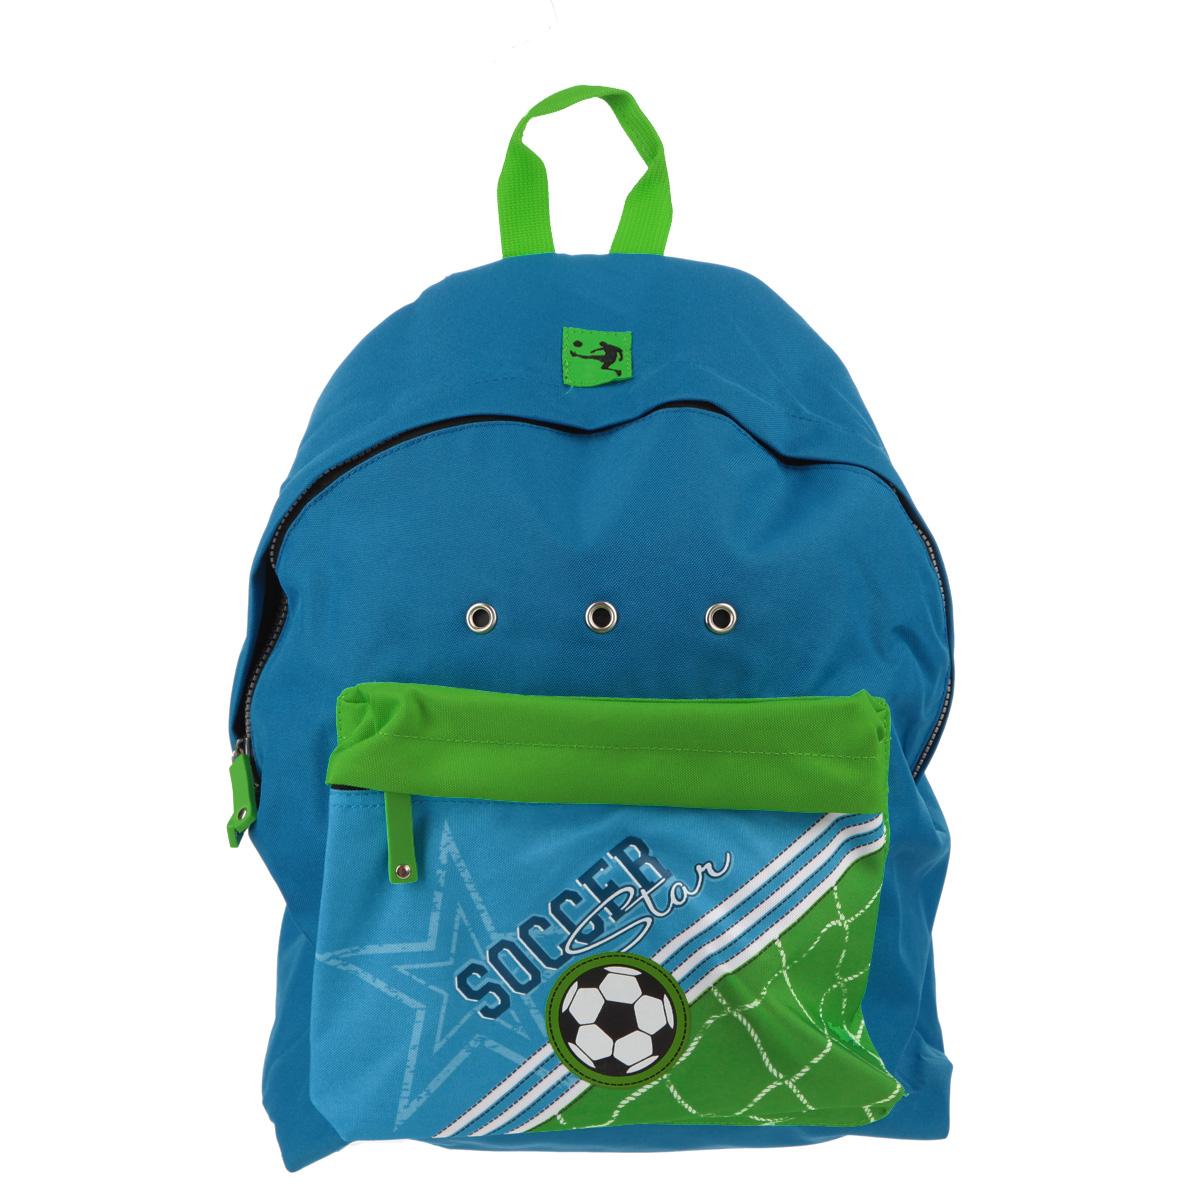 Рюкзак Erich Krause Soccer, цвет: синий, зеленый37172Рюкзак Erich Krause Soccer легкий, компактный выполнен из водонепроницаемого материла и дополнен изображением в виде футбольного мяча.Содержит одно вместительное отделение, закрывающееся на пластиковый замок-молнию с двумя бегунками. Внутри отделения расположен нашивной карман, на котором находятся открытый кармашек, карман-сетка на молнии и два фиксатора для канцелярских принадлежностей. Лицевая сторона рюкзака оснащена фронтальным карманом на застежке-молнии. Мягкие лямки позволяют легко и быстро отрегулировать рюкзак в соответствии с ростом. Рюкзак оснащен удобной текстильной ручкой для переноски в руке.Этот рюкзак можно использовать для повседневных прогулок, отдыха и спорта, а также как элемент вашего имиджа.